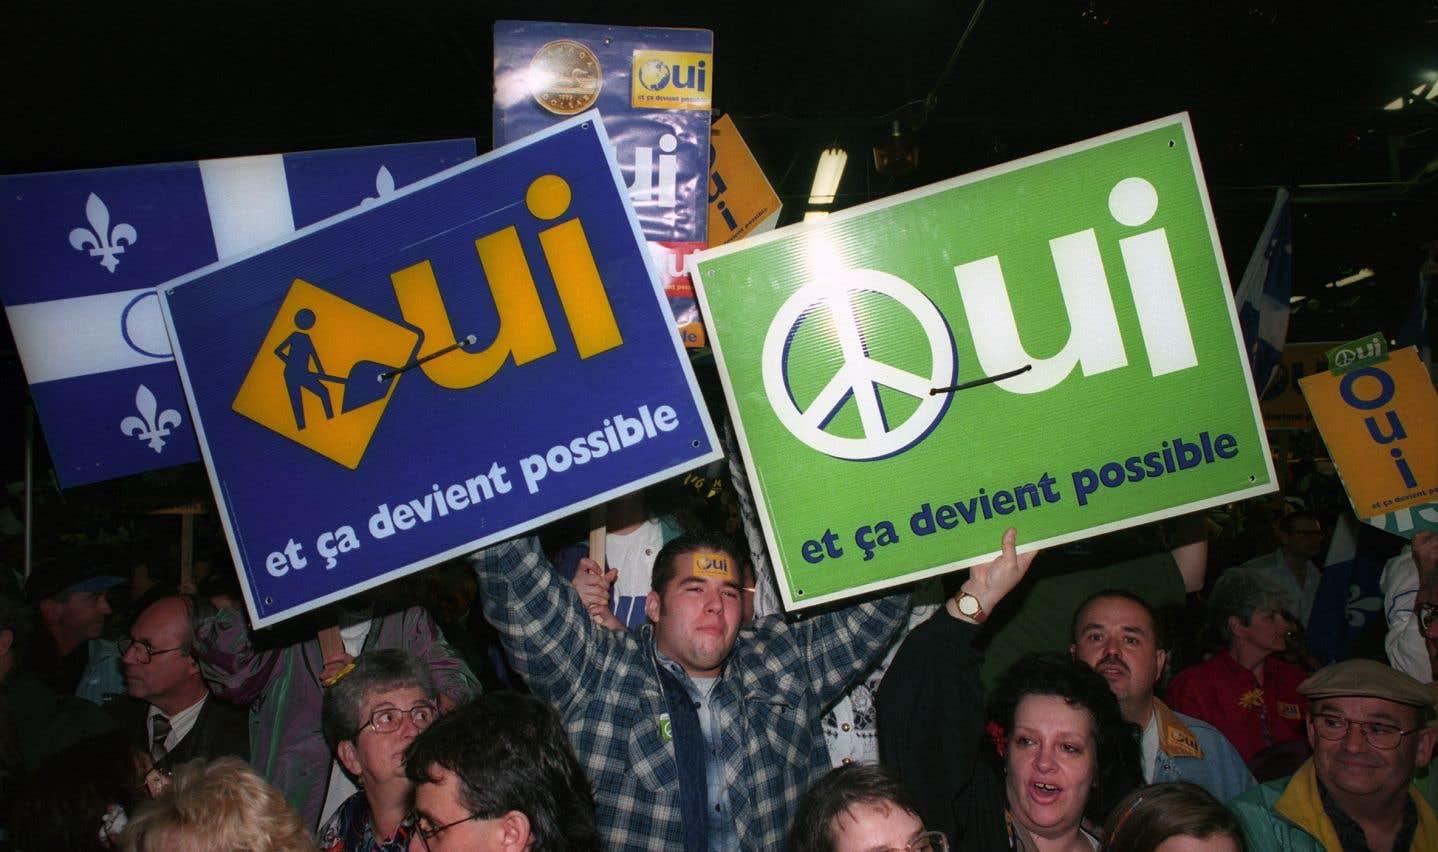 À l'exception du référendum de 1995, les stratégies souverainistes ont été le plus souvent axées sur l'objectif électoral.